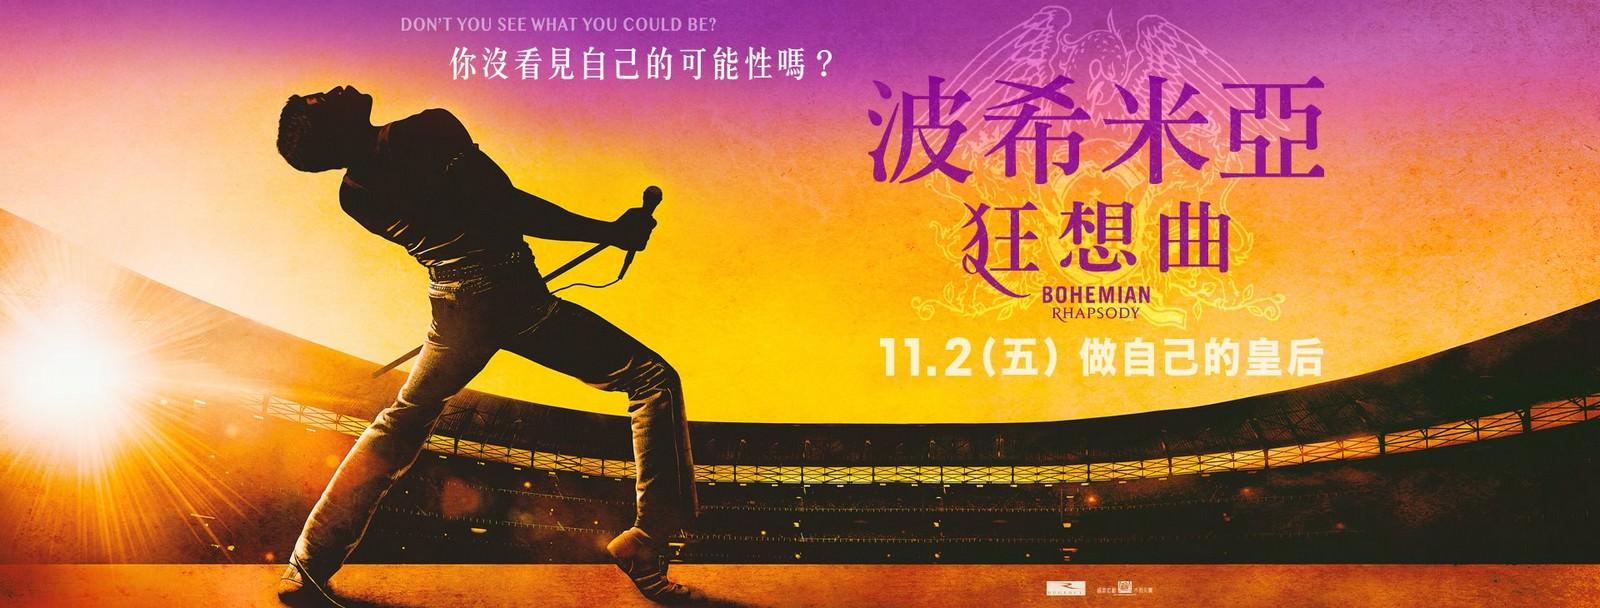 Movie, Bohemian Rhapsody(美國, 2018年) / 波希米亞狂想曲(台灣) / 波希米亞狂想曲:搖滾傳說(香港), 電影海報, 台灣, 橫版